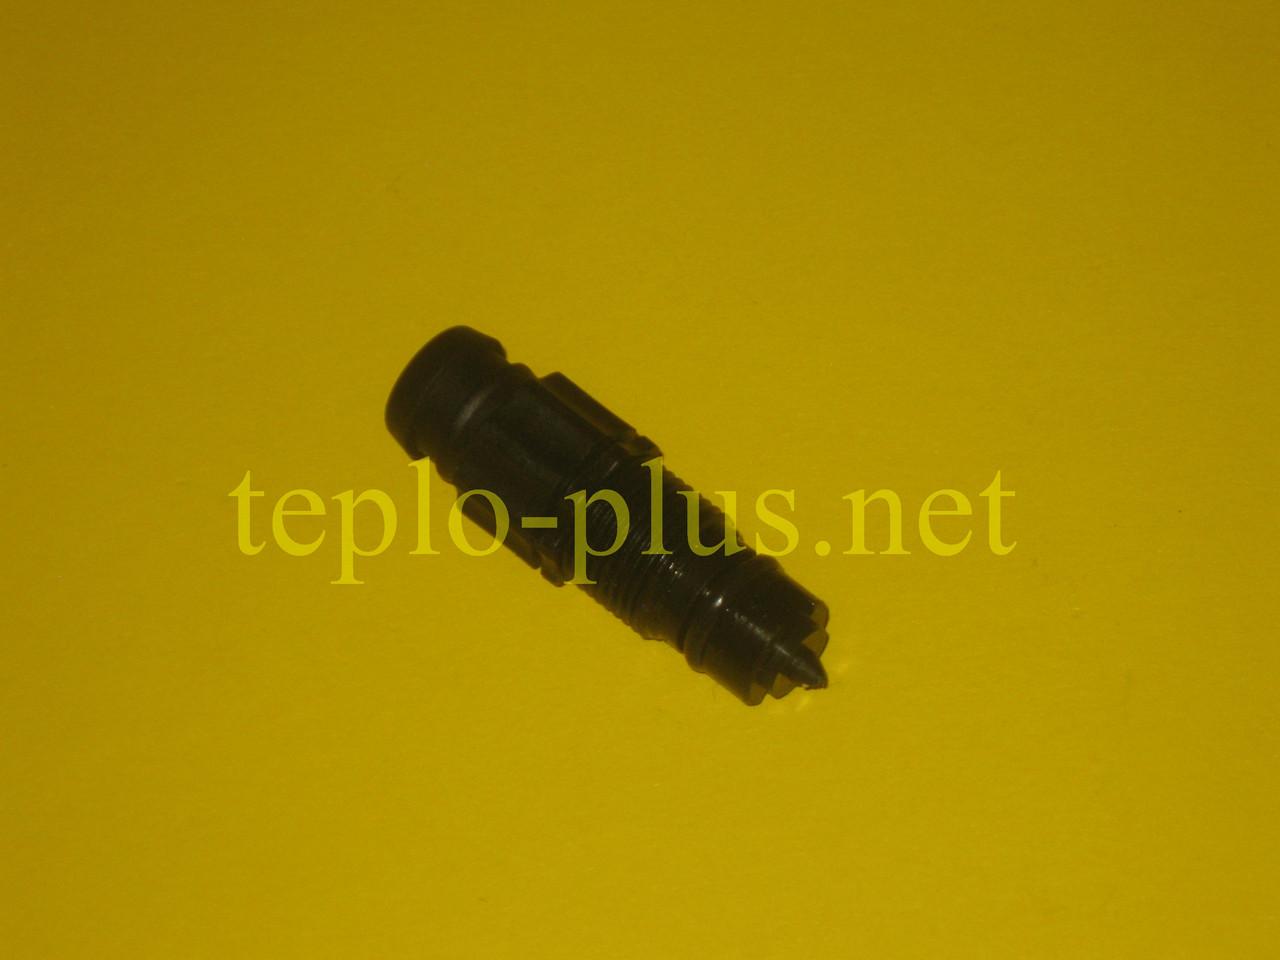 Кран слива 65104328 (60001385) Ariston Clas, Genus, Egis, AS, BS, BSII, Matis, Egis Plus